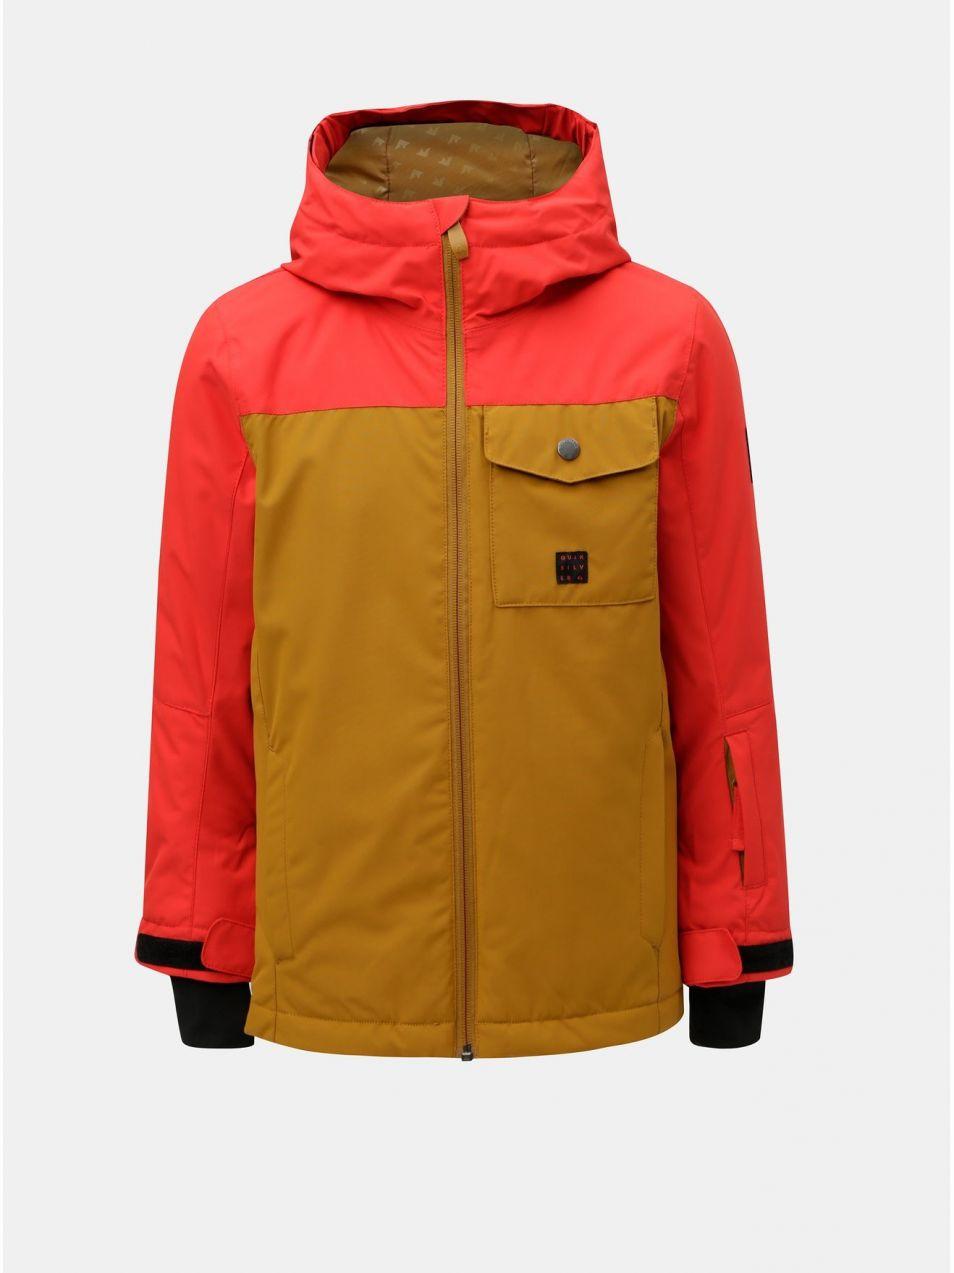 084261b46 Červeno–hnedá chlapčenská funkčná zimná bunda Quiksilver Miss Solyth značky  Quiksilver - Lovely.sk